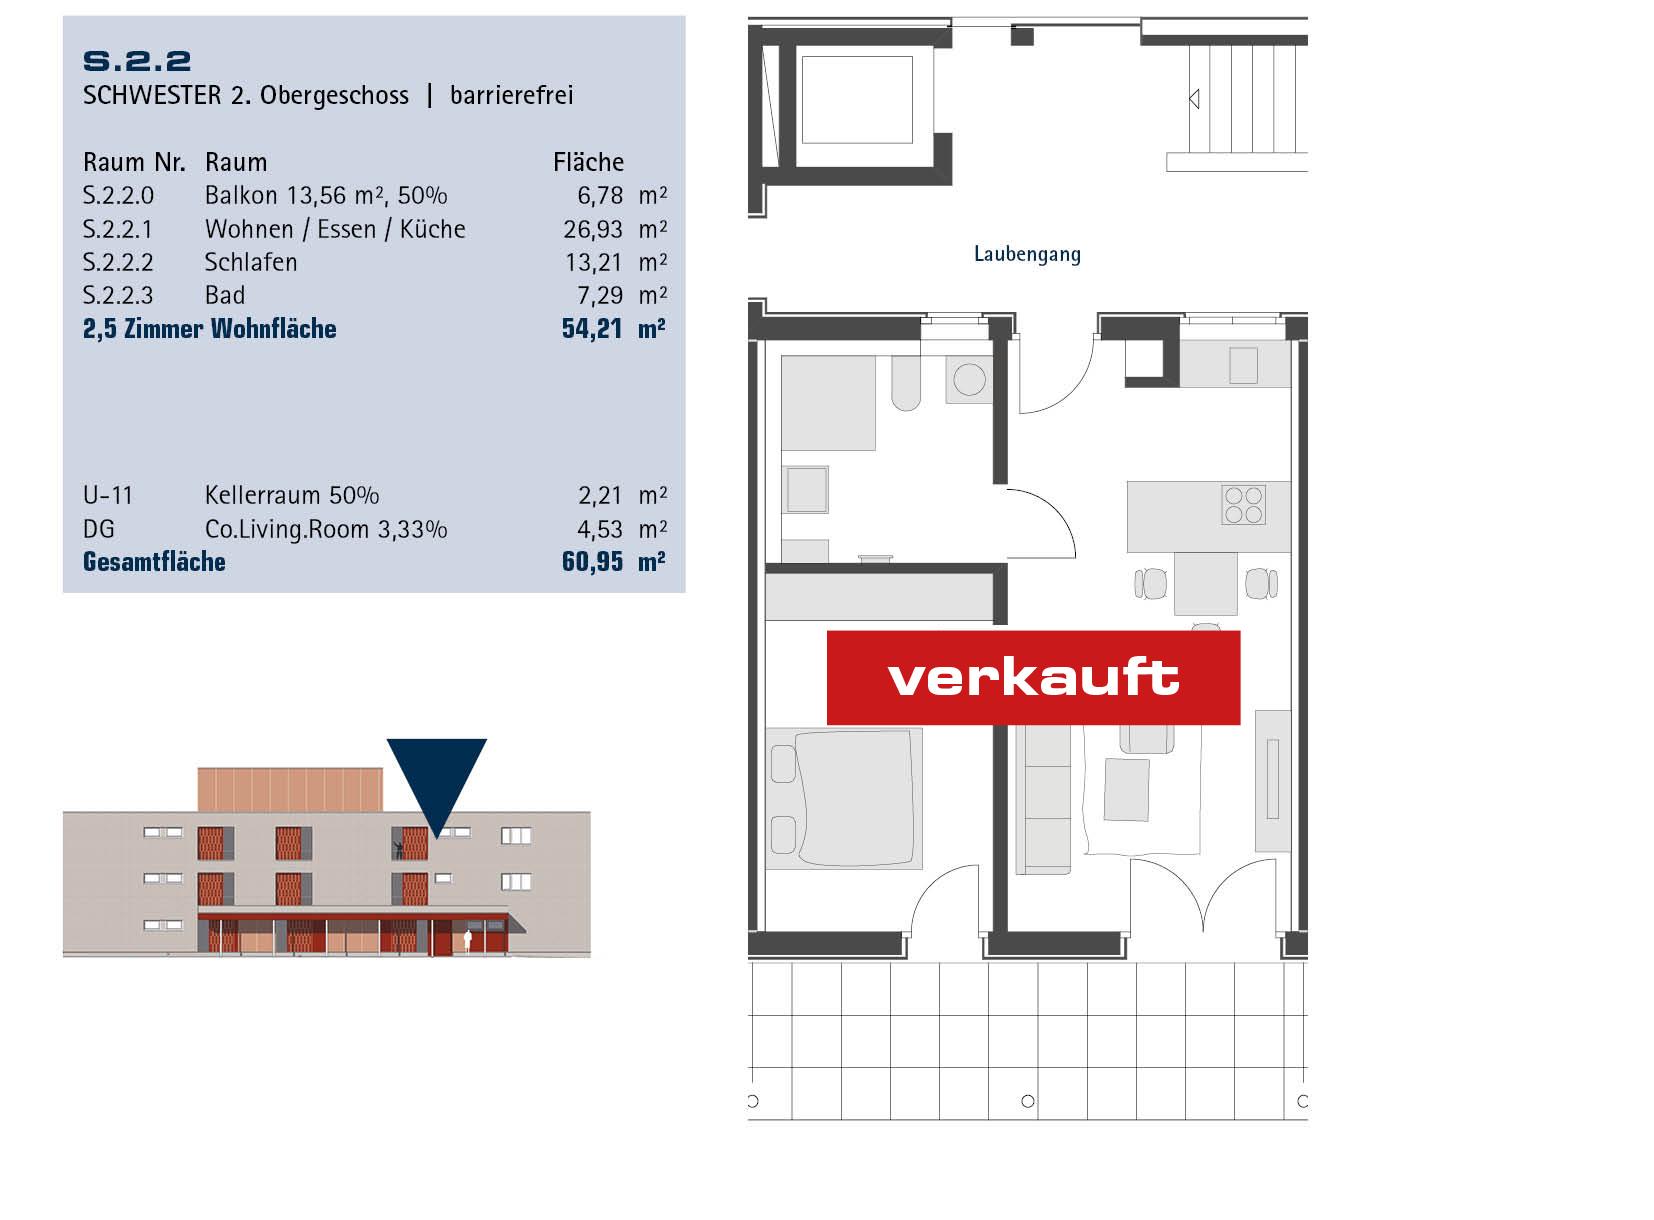 Schlosser-Sonnenrain-Stadtquartier-Grundriss-Schwester-22_verkauft